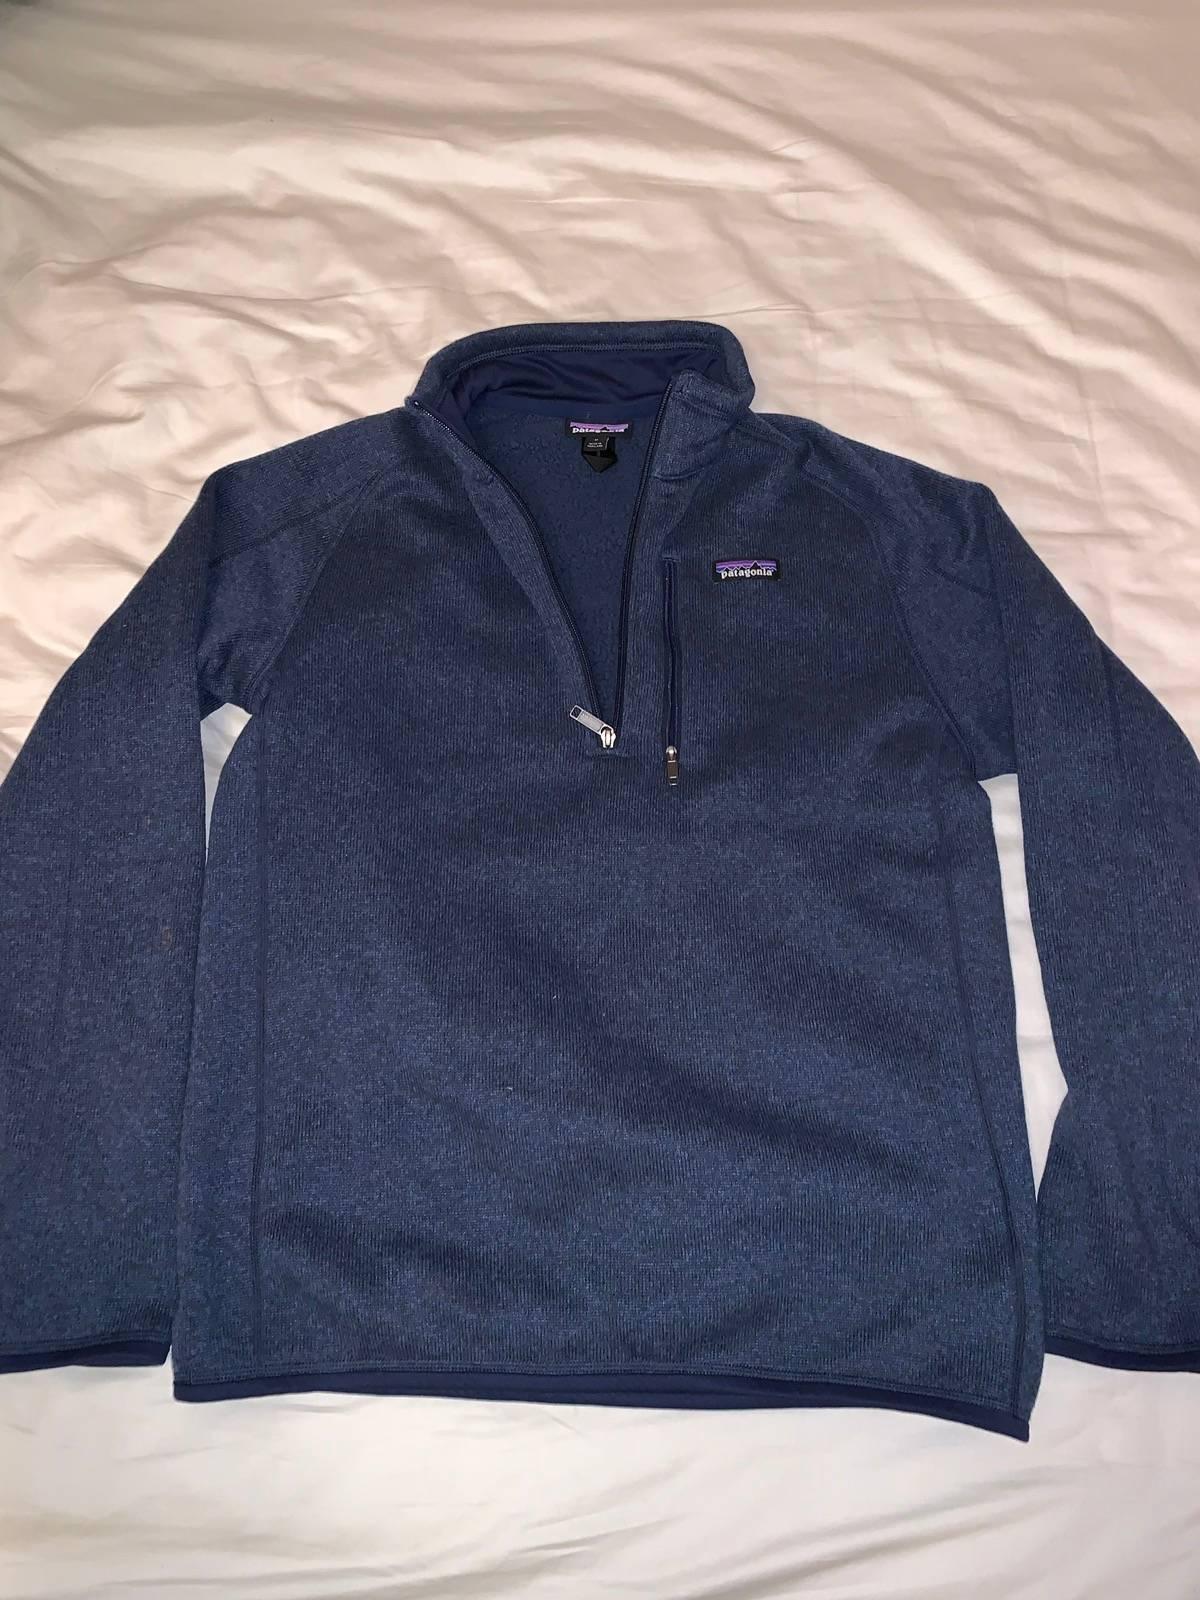 585d397a63a68 Patagonia ×. Men s Better Sweater 1 4 Zip Fleece